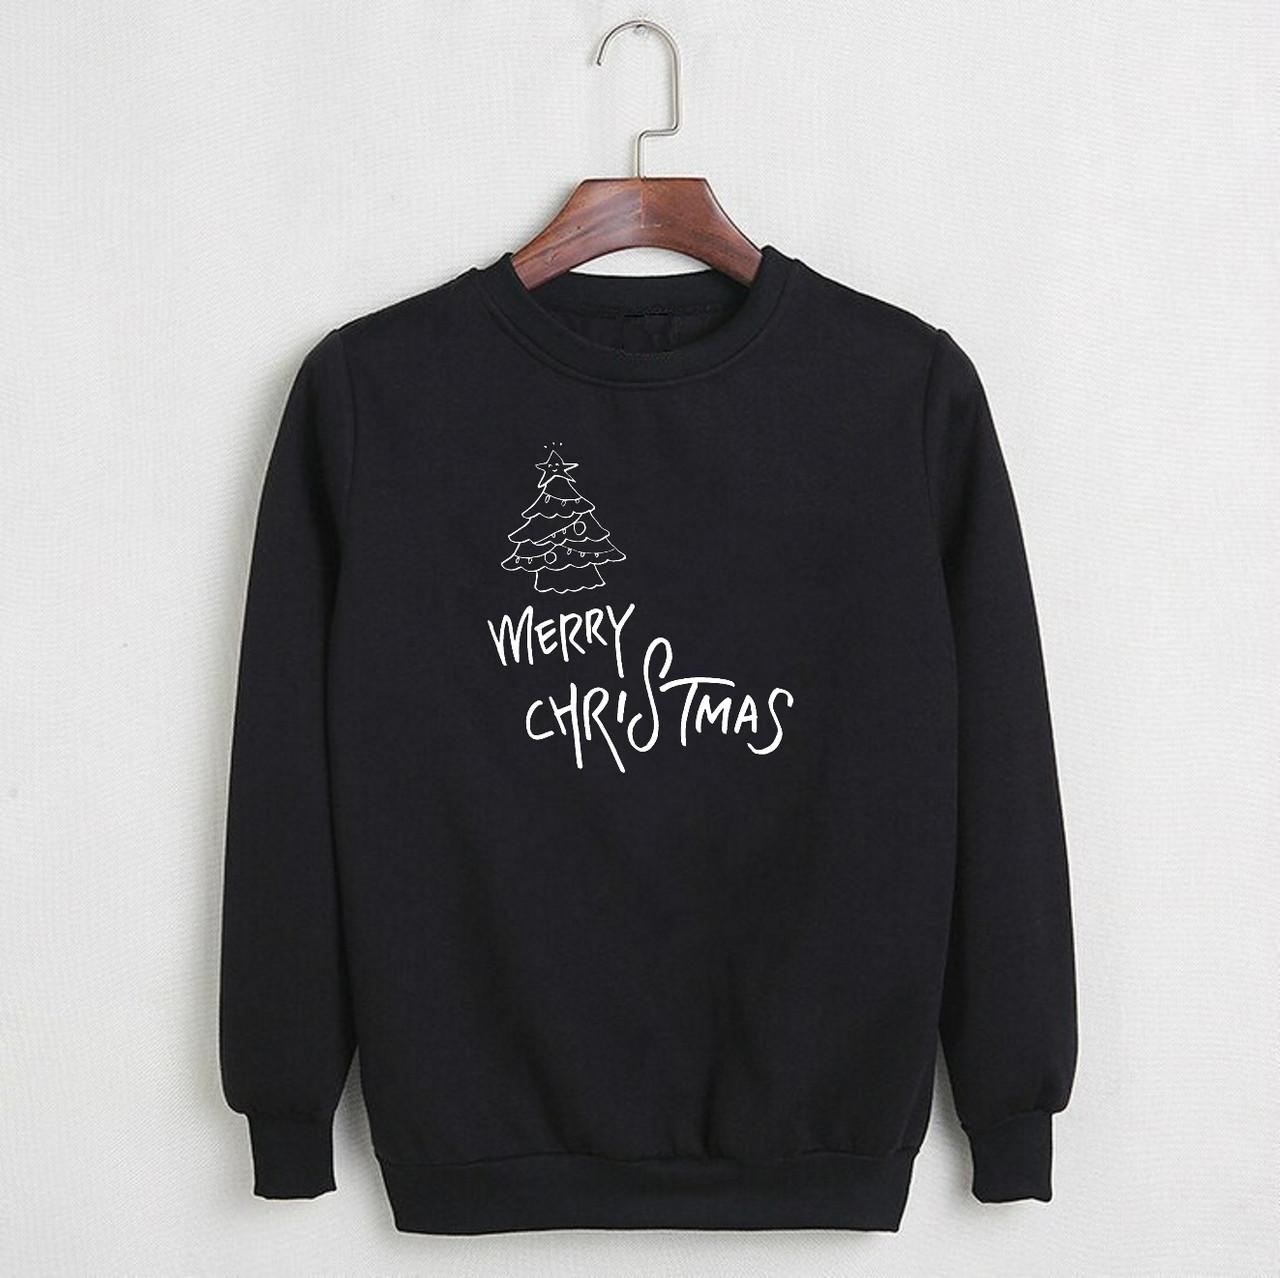 Мужской черный свитшот Merry Christmas